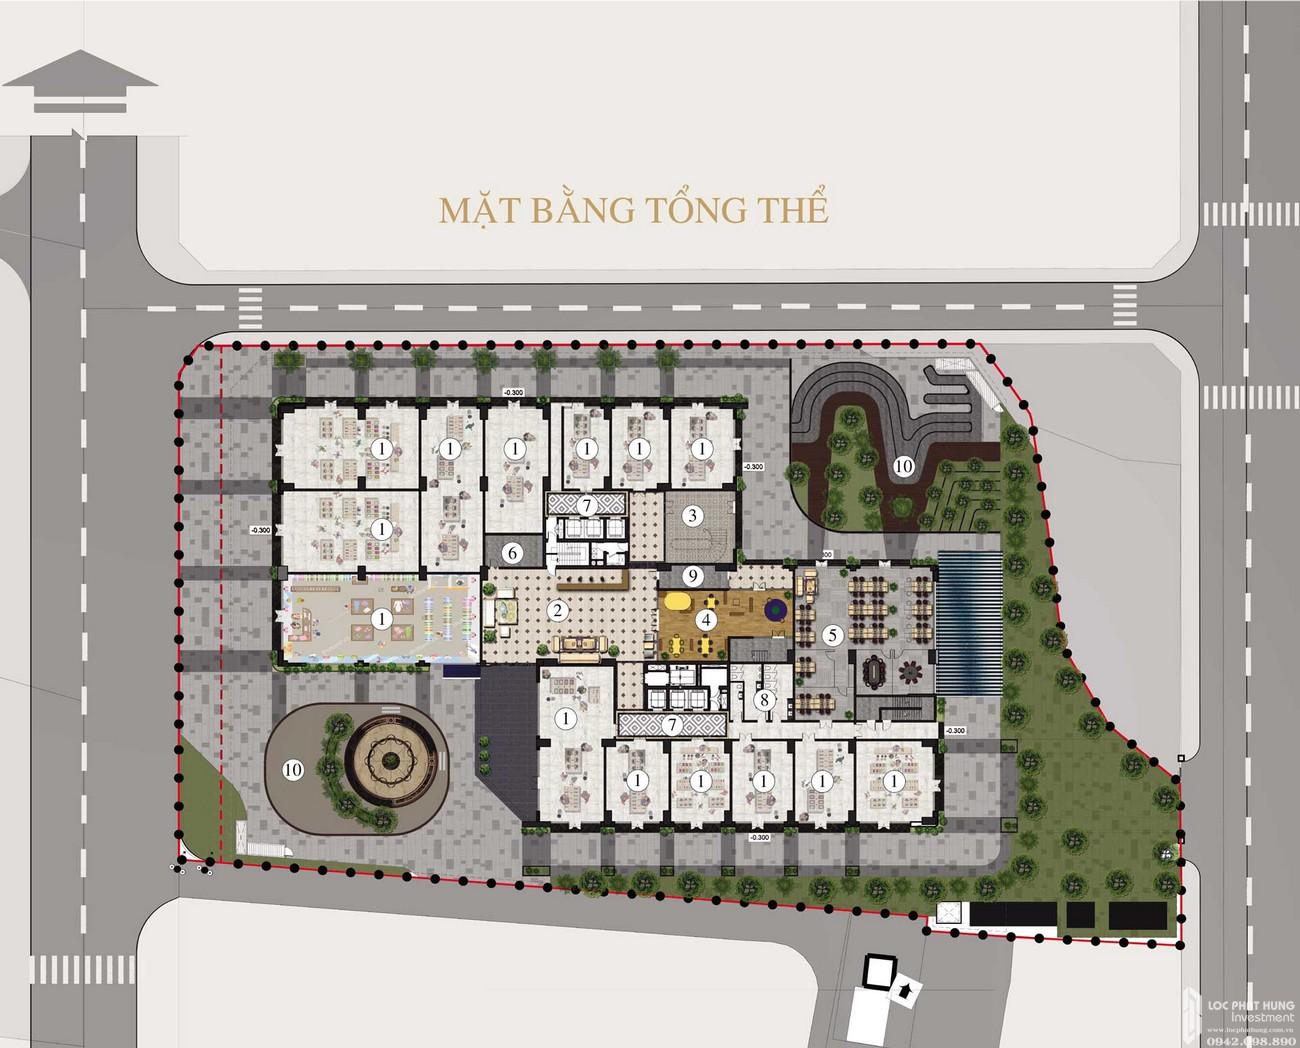 Mặt bằng dự án căn hộ chung cư Apec Golden Palace Lạng Sơn đường Lê Đại Hành chủ đầu tư Apec Group